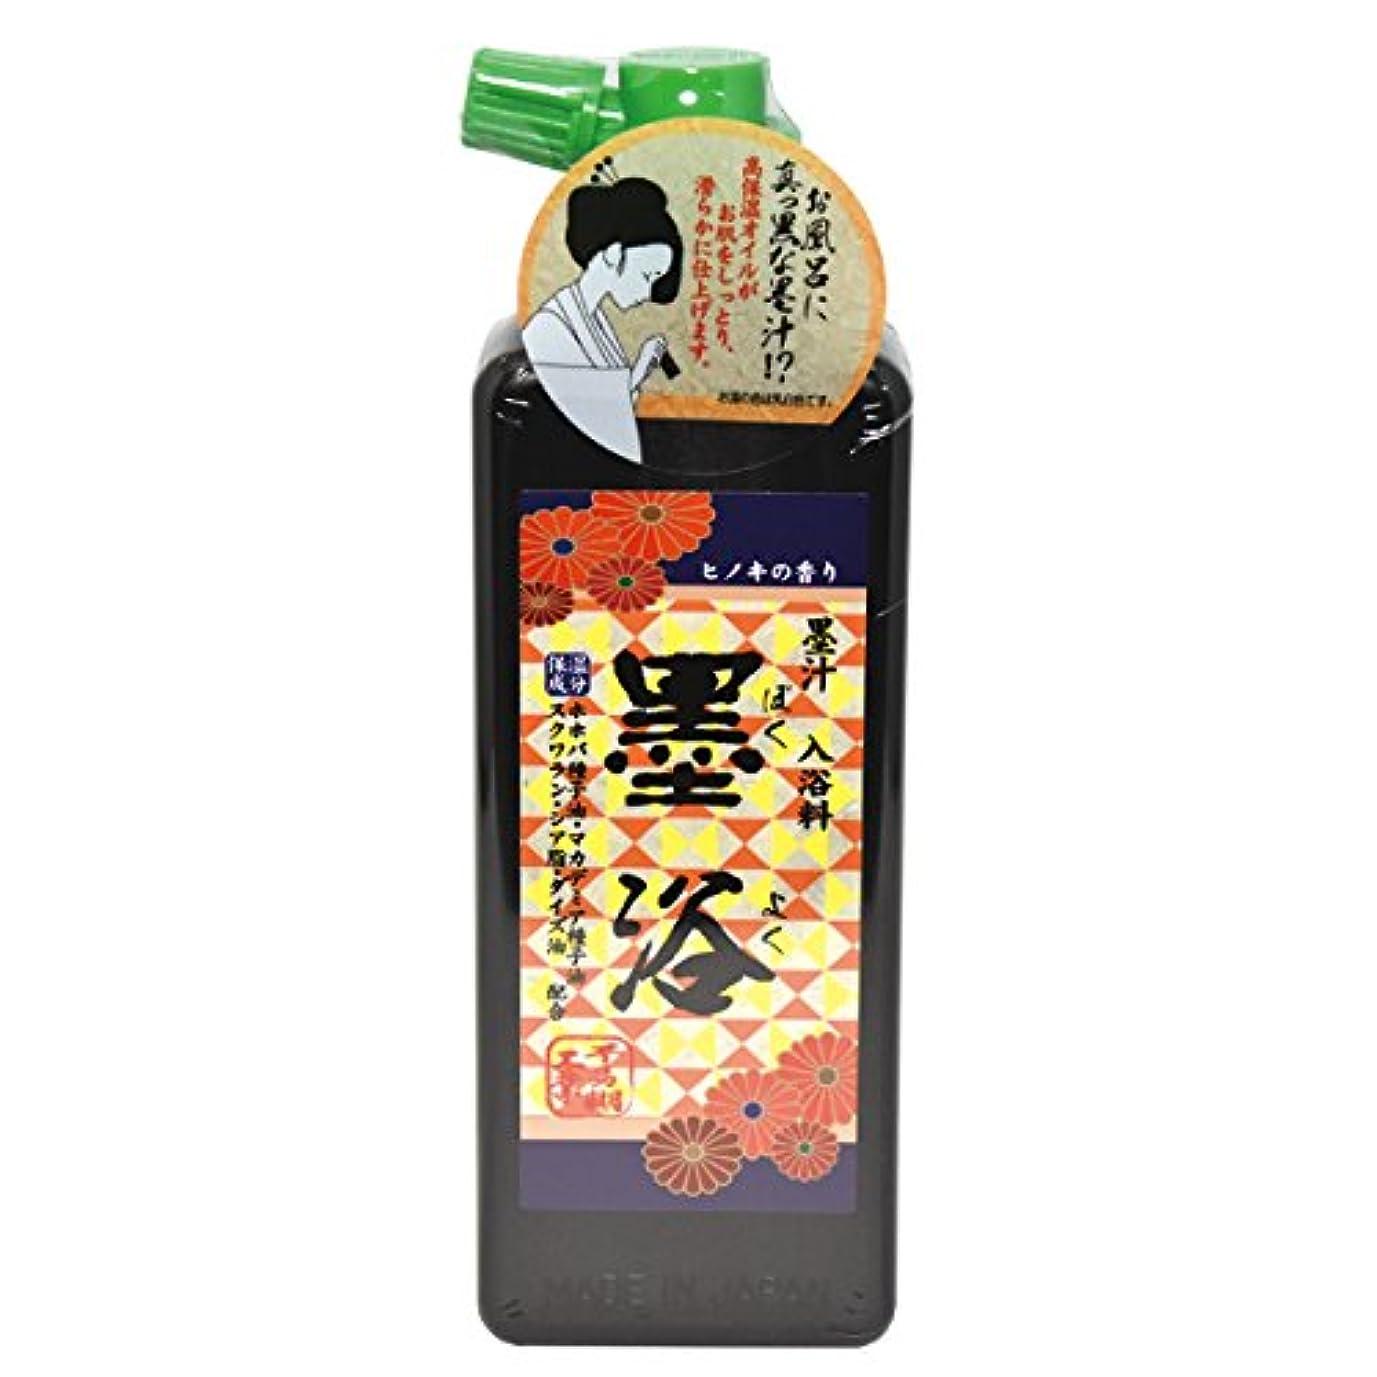 召喚する平和自殺墨浴 ぼくよく 入浴料 ヒノキの香り 不易糊工業 BY20